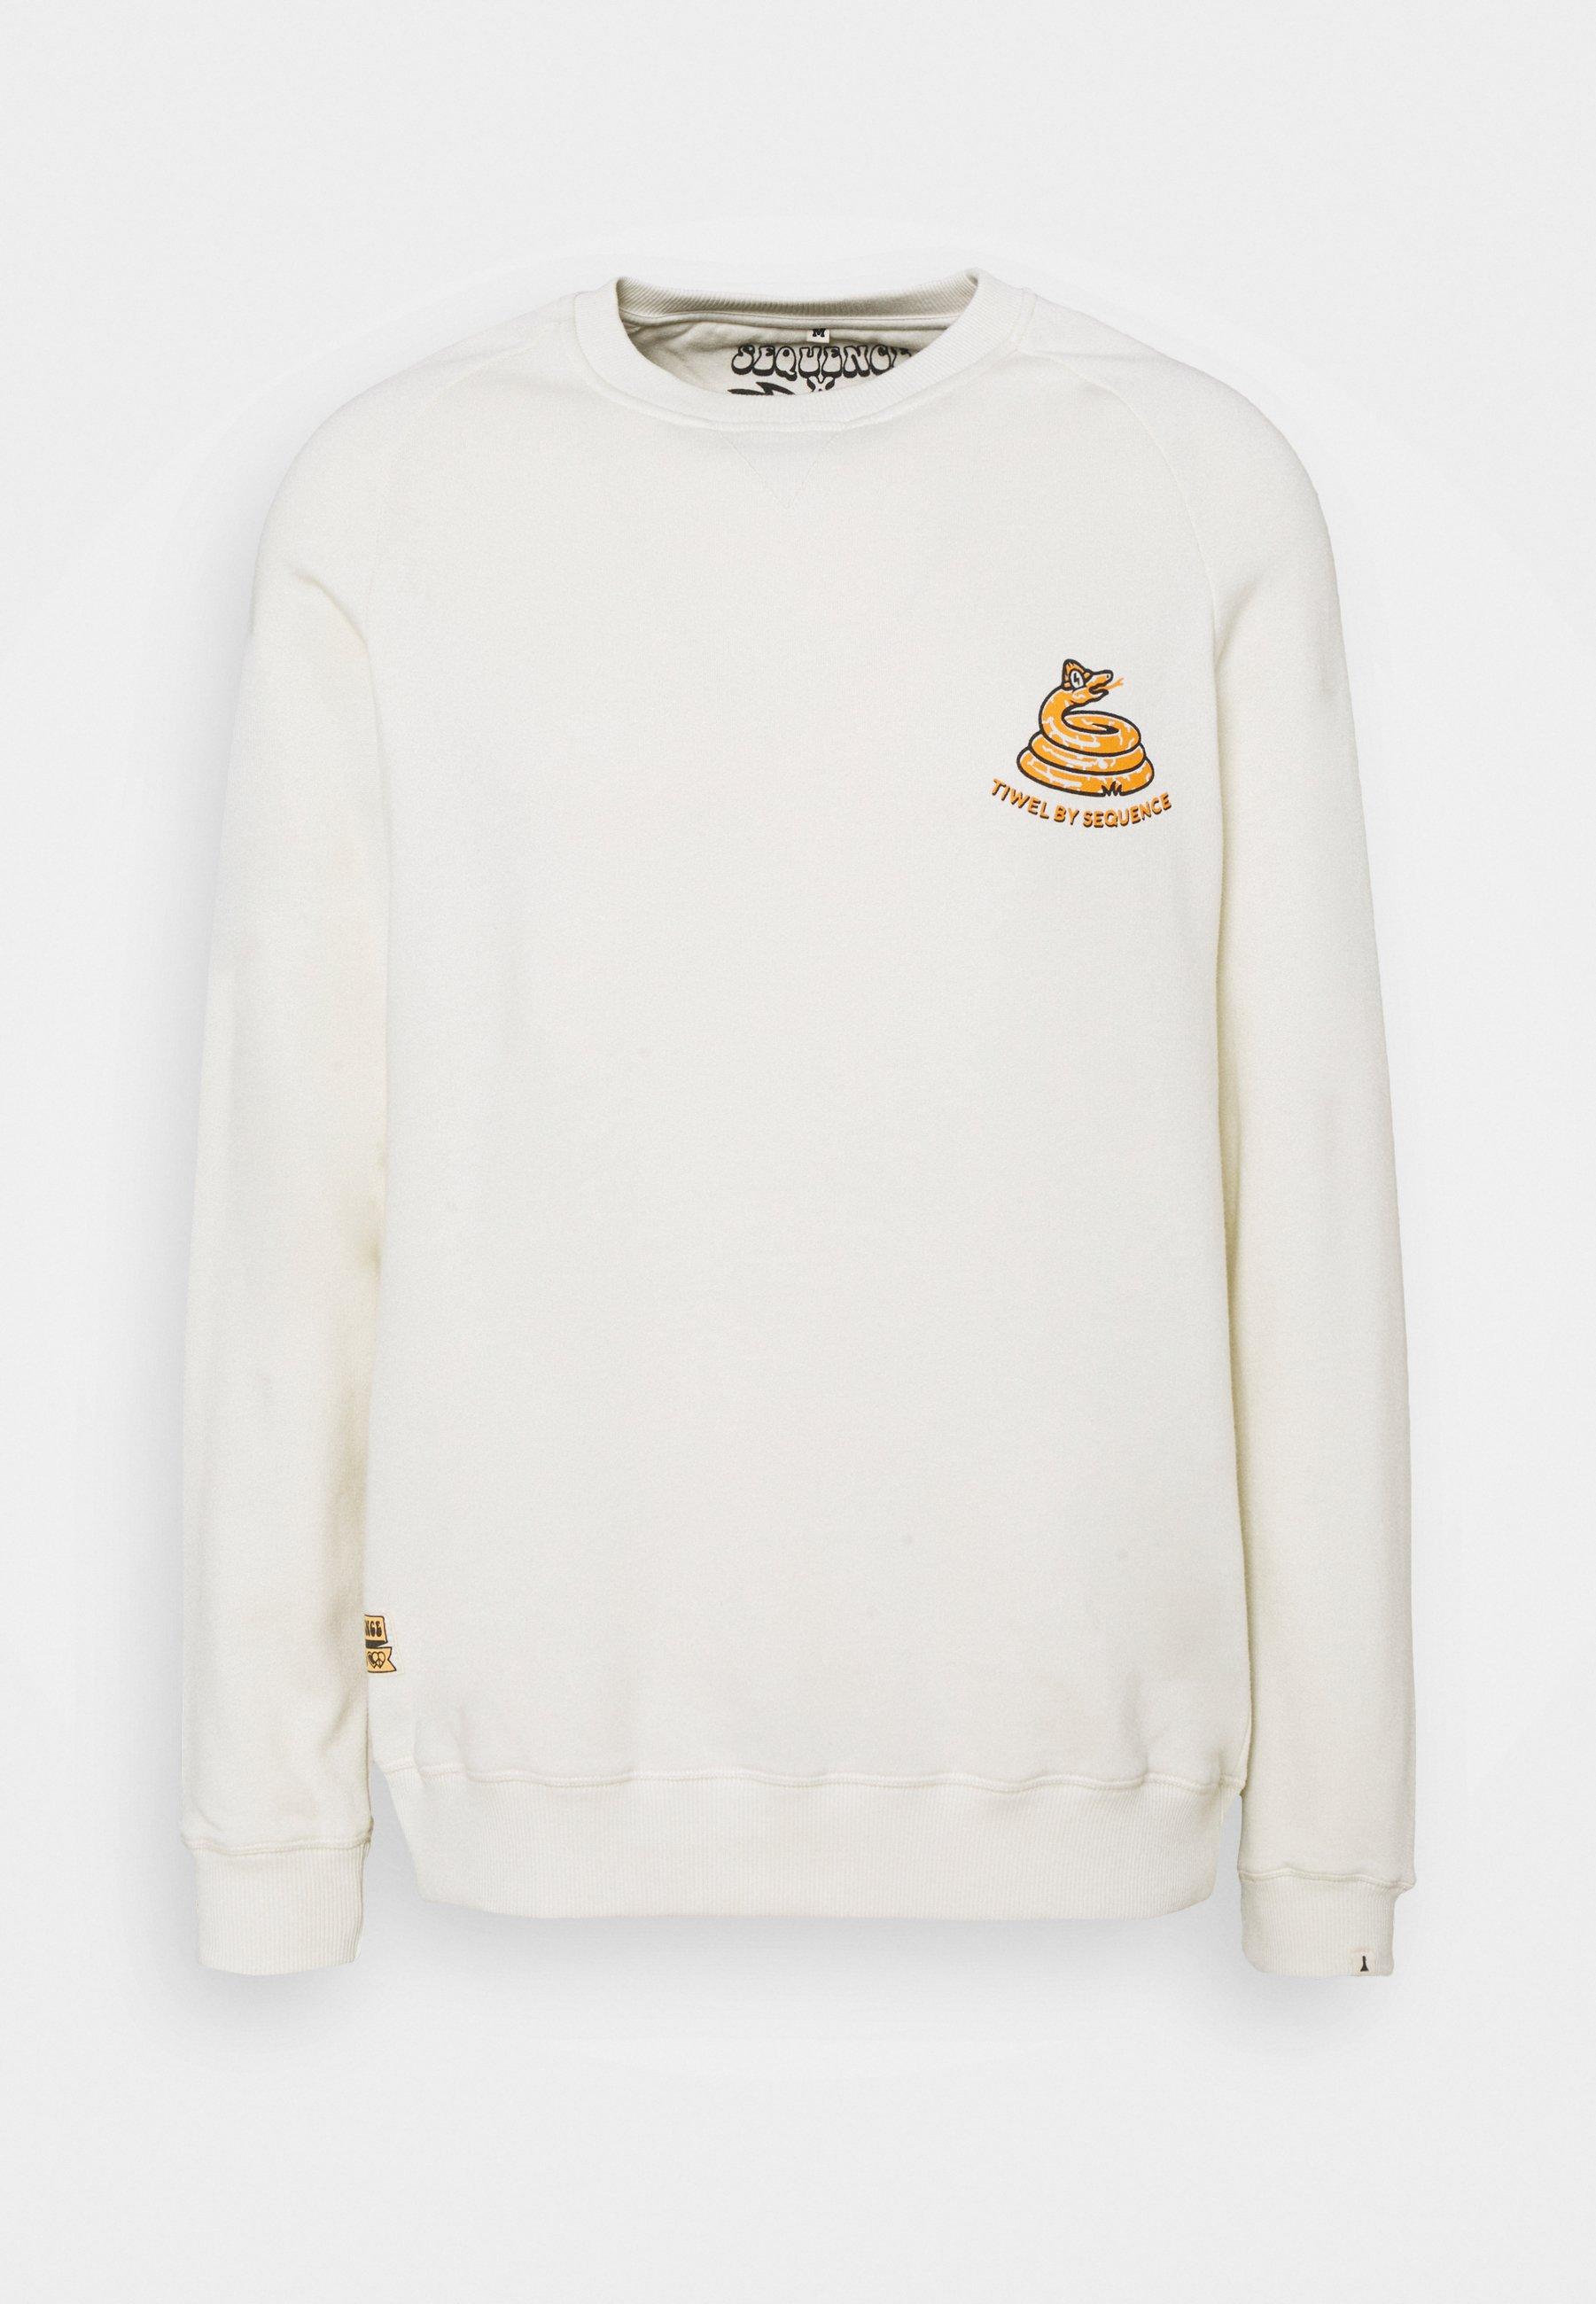 Men MARCO OGGIAN X TIWEL SUPPORT - Sweatshirt